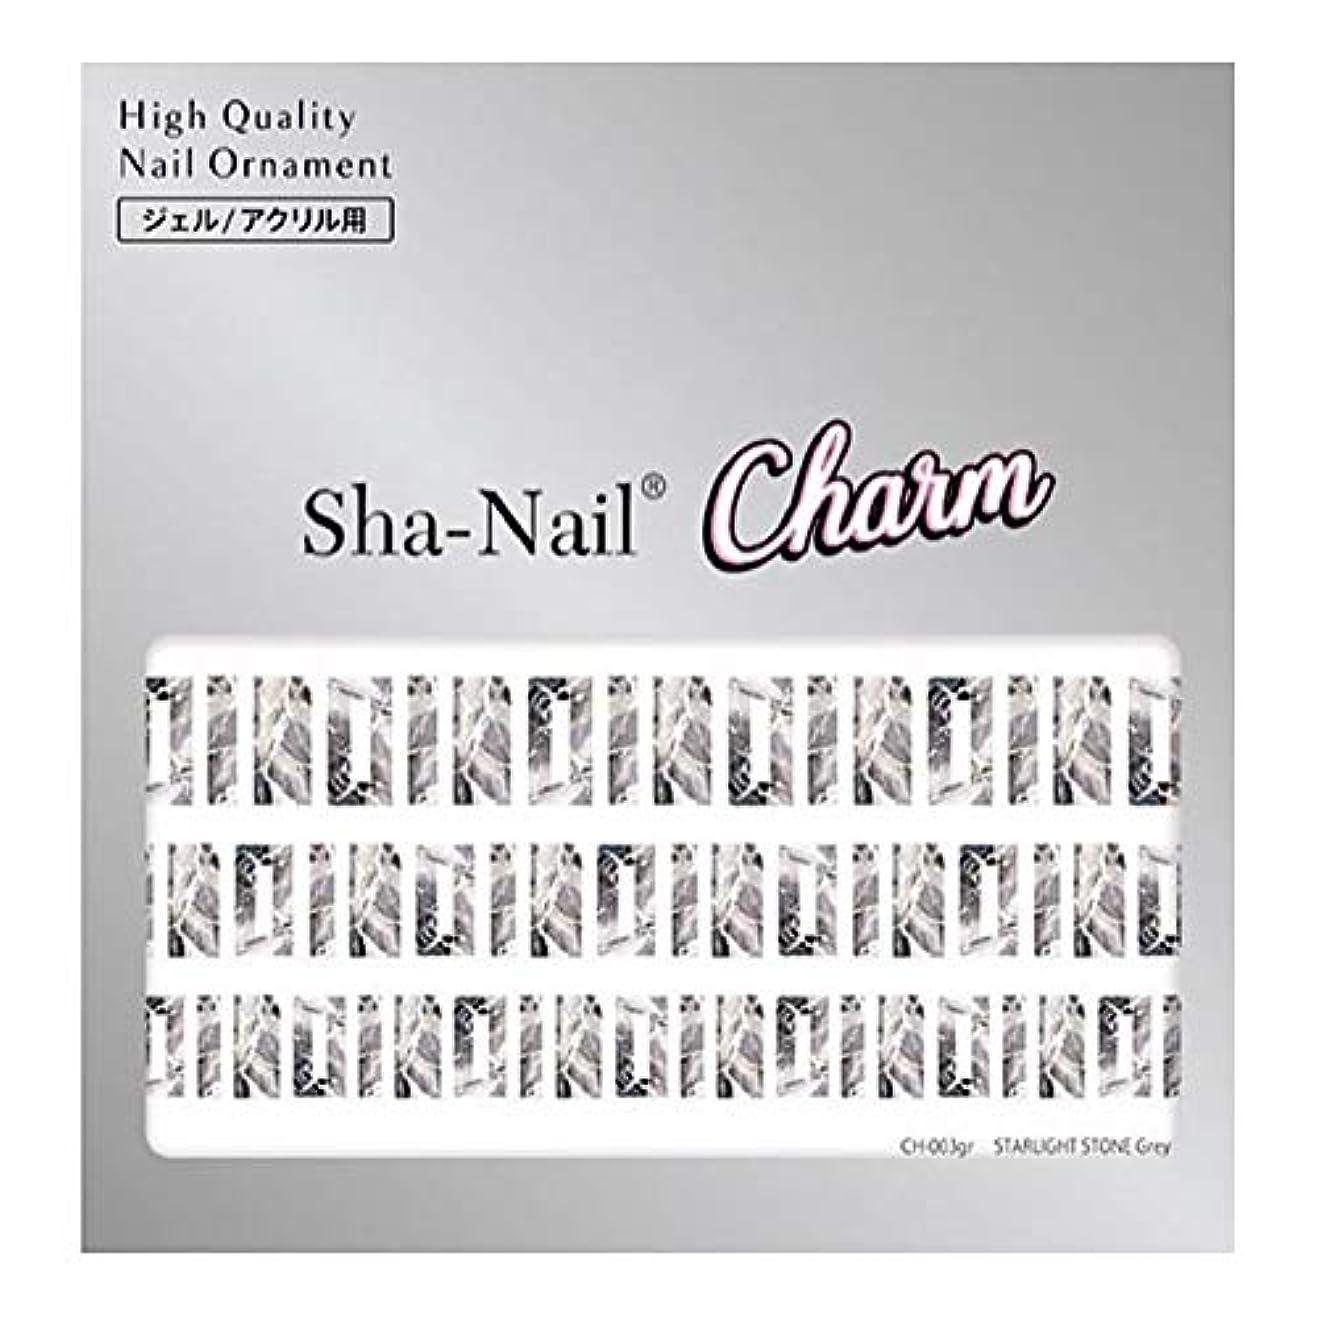 も過度に公爵Sha-Nail Charm(シャネイルチャーム) Sha-Nail Charm スターライトストーン グレー 1枚